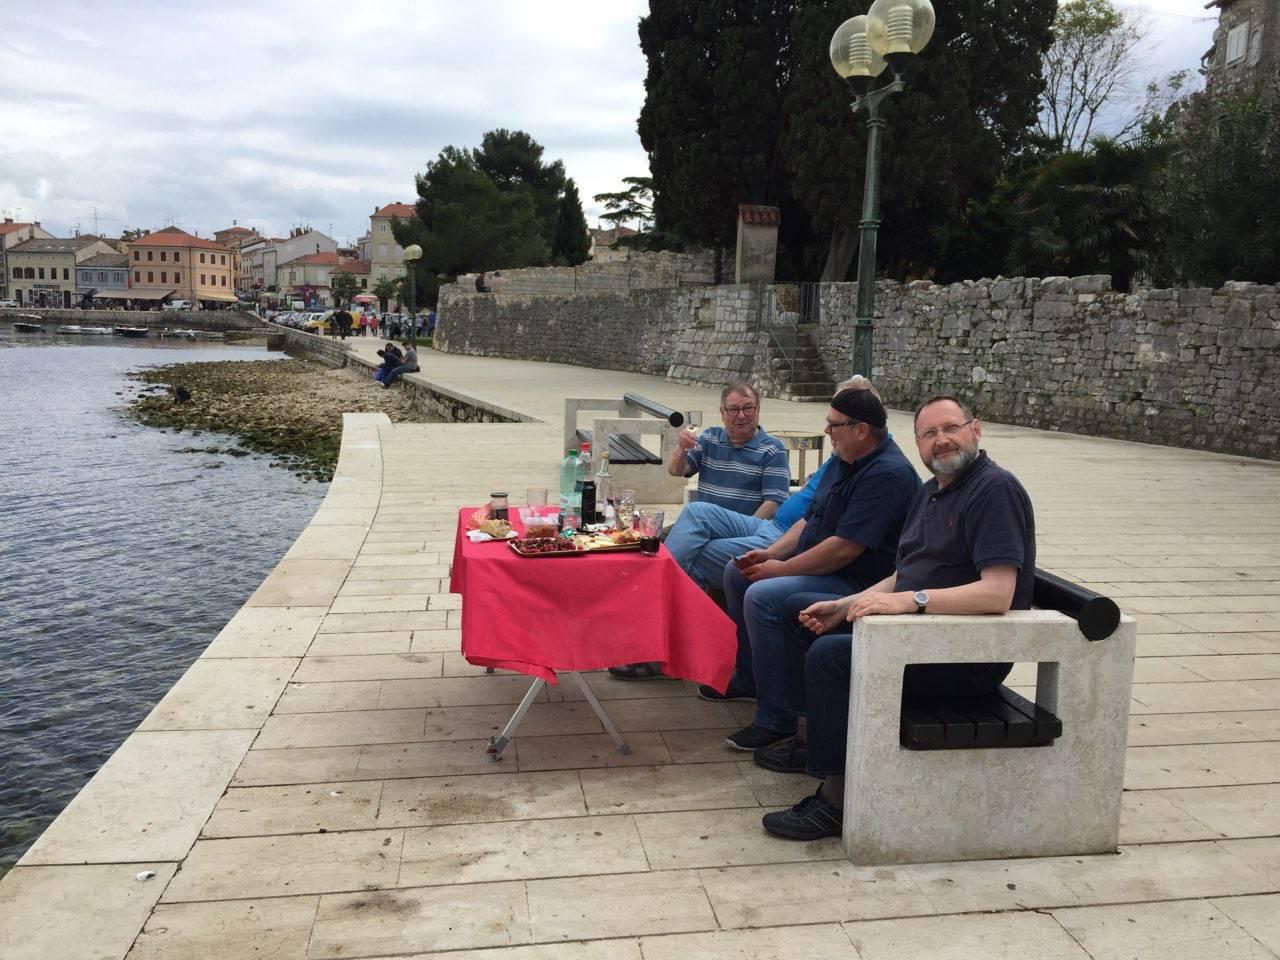 Iznijeli si stol i nareske: Turisti u Poreču jeli na šetnici uz more